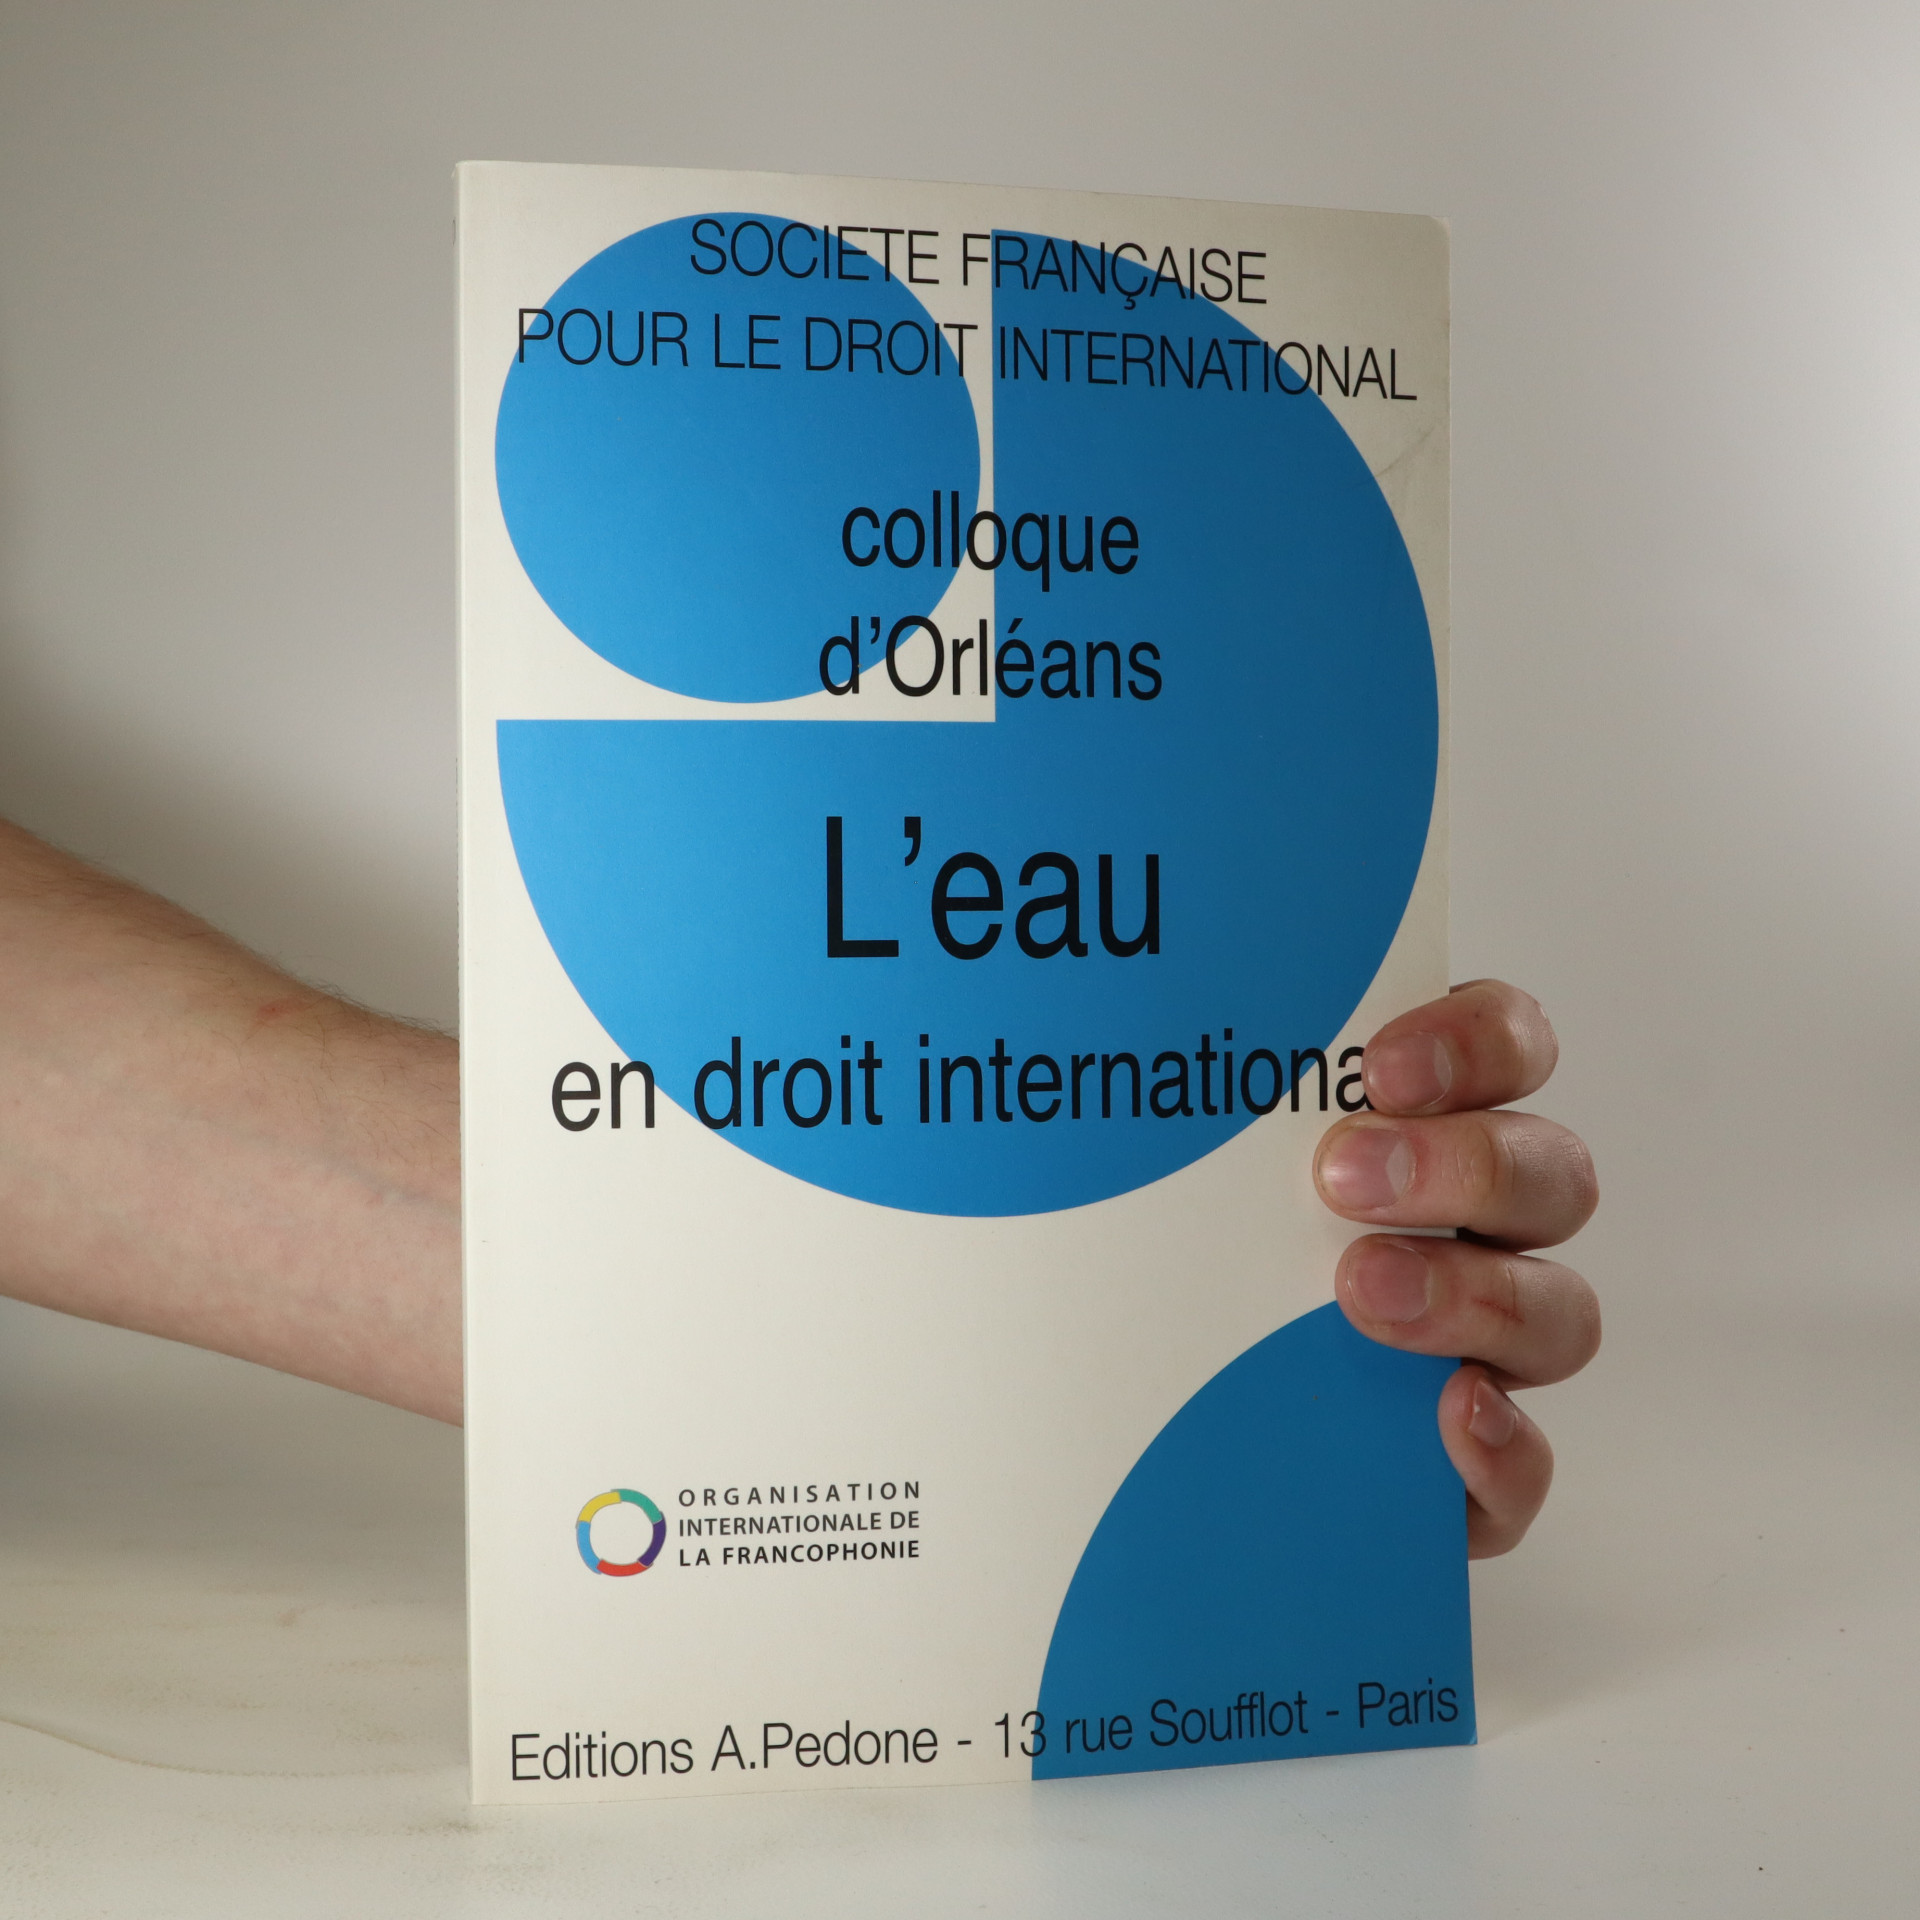 antikvární kniha Colloque d'Orleans. L'eau en droit international, neuveden